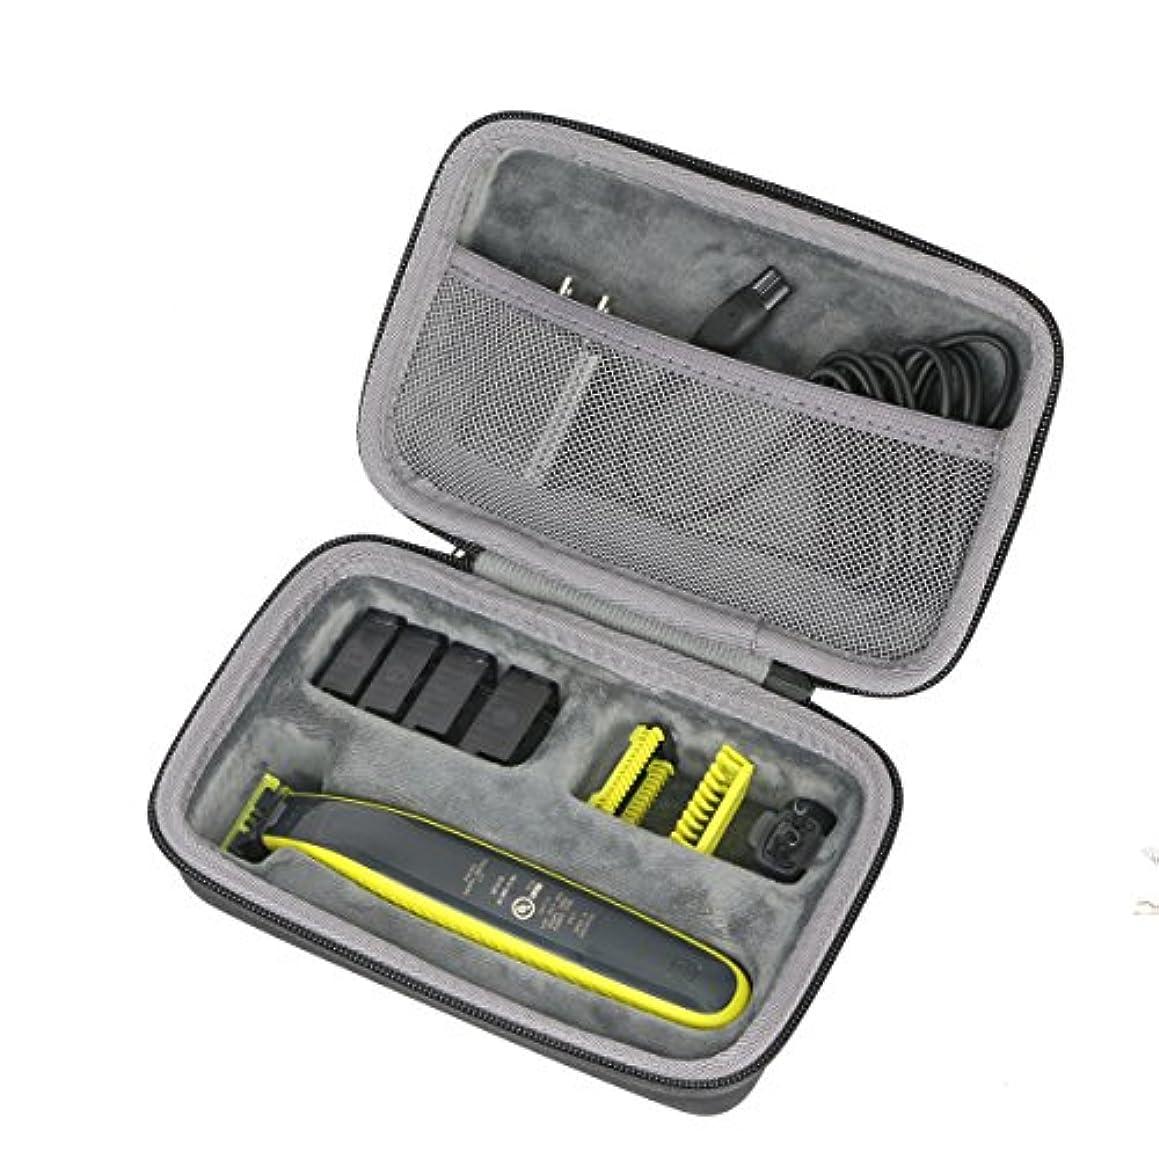 特許文化魅力的Philips Norelco OneBlade Hybrid Rechargeable Trimmer QP2630/70ノ専用旅行収納 デザインノco2CREA バッグ